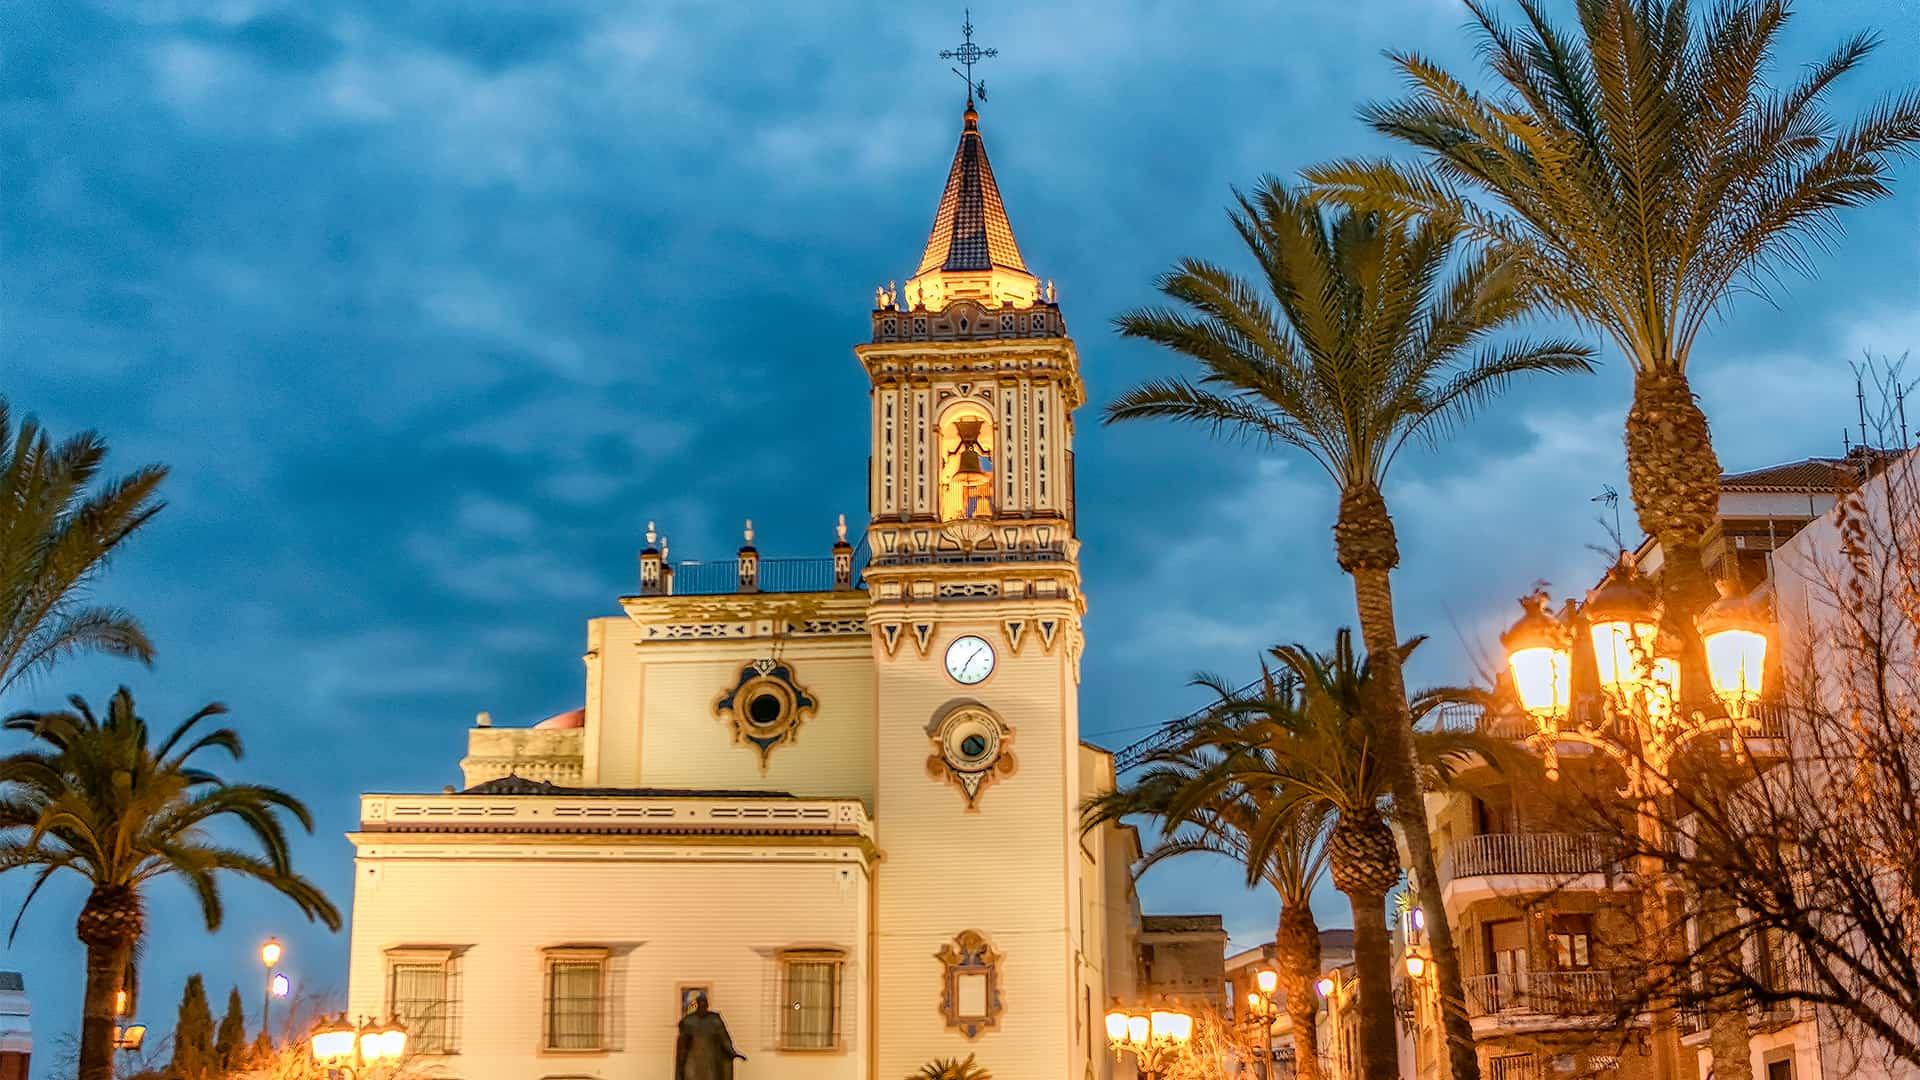 Movistar Huelva: tiendas y cobertura 5G